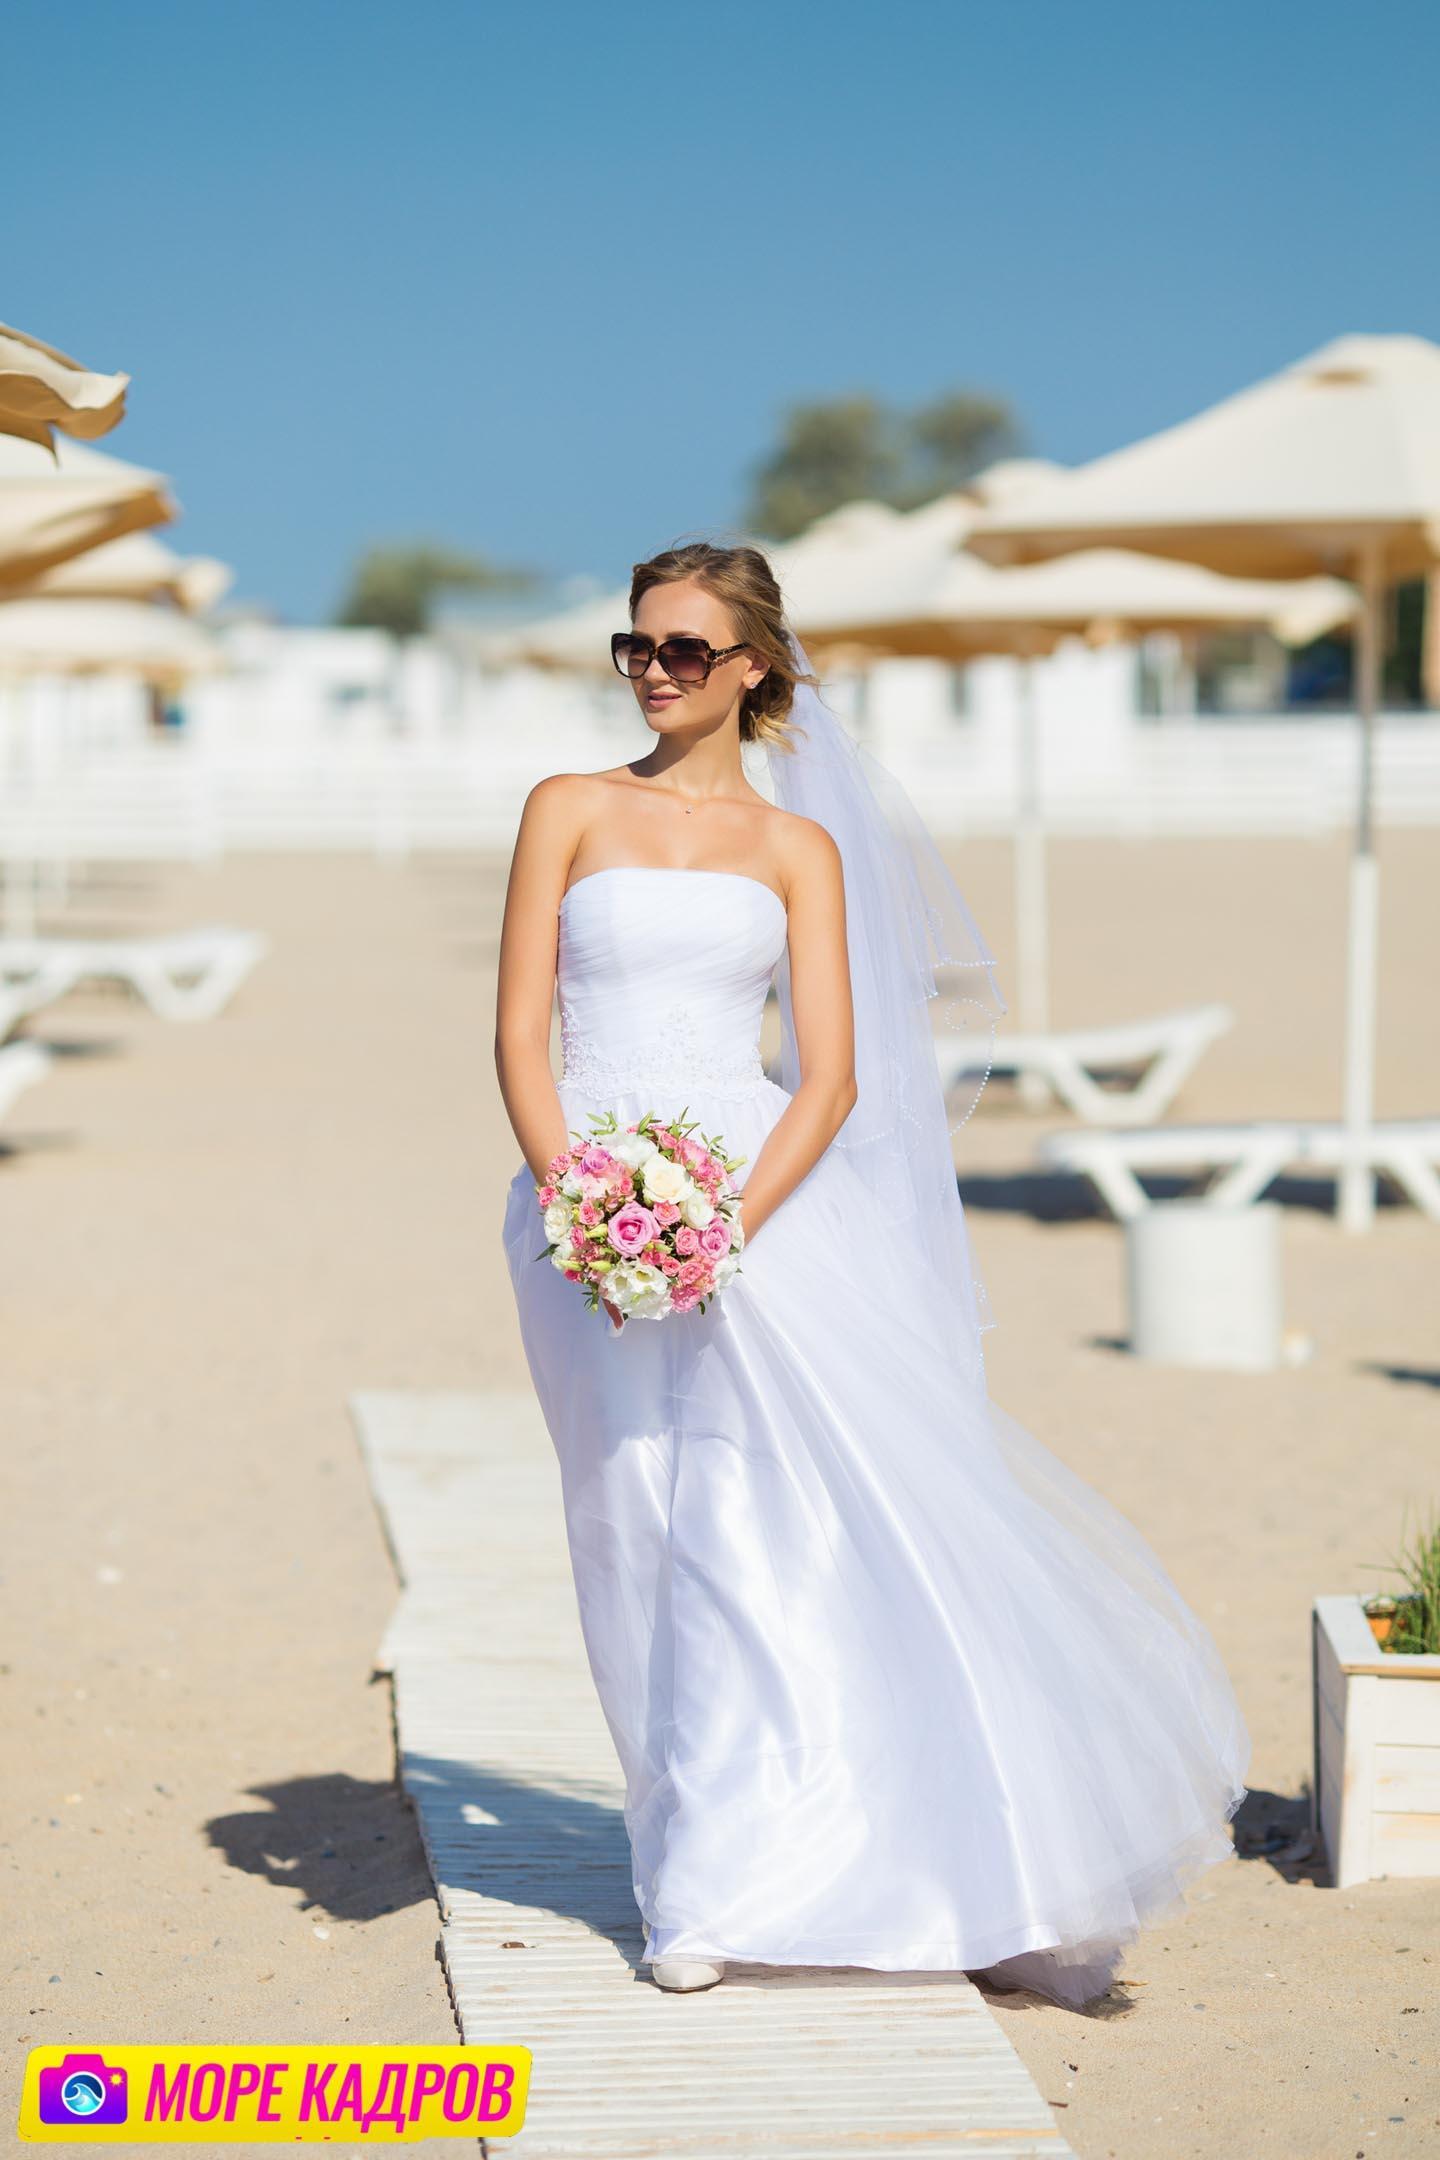 Свадебная фотосессия на пляже в Евпатории, Крым.